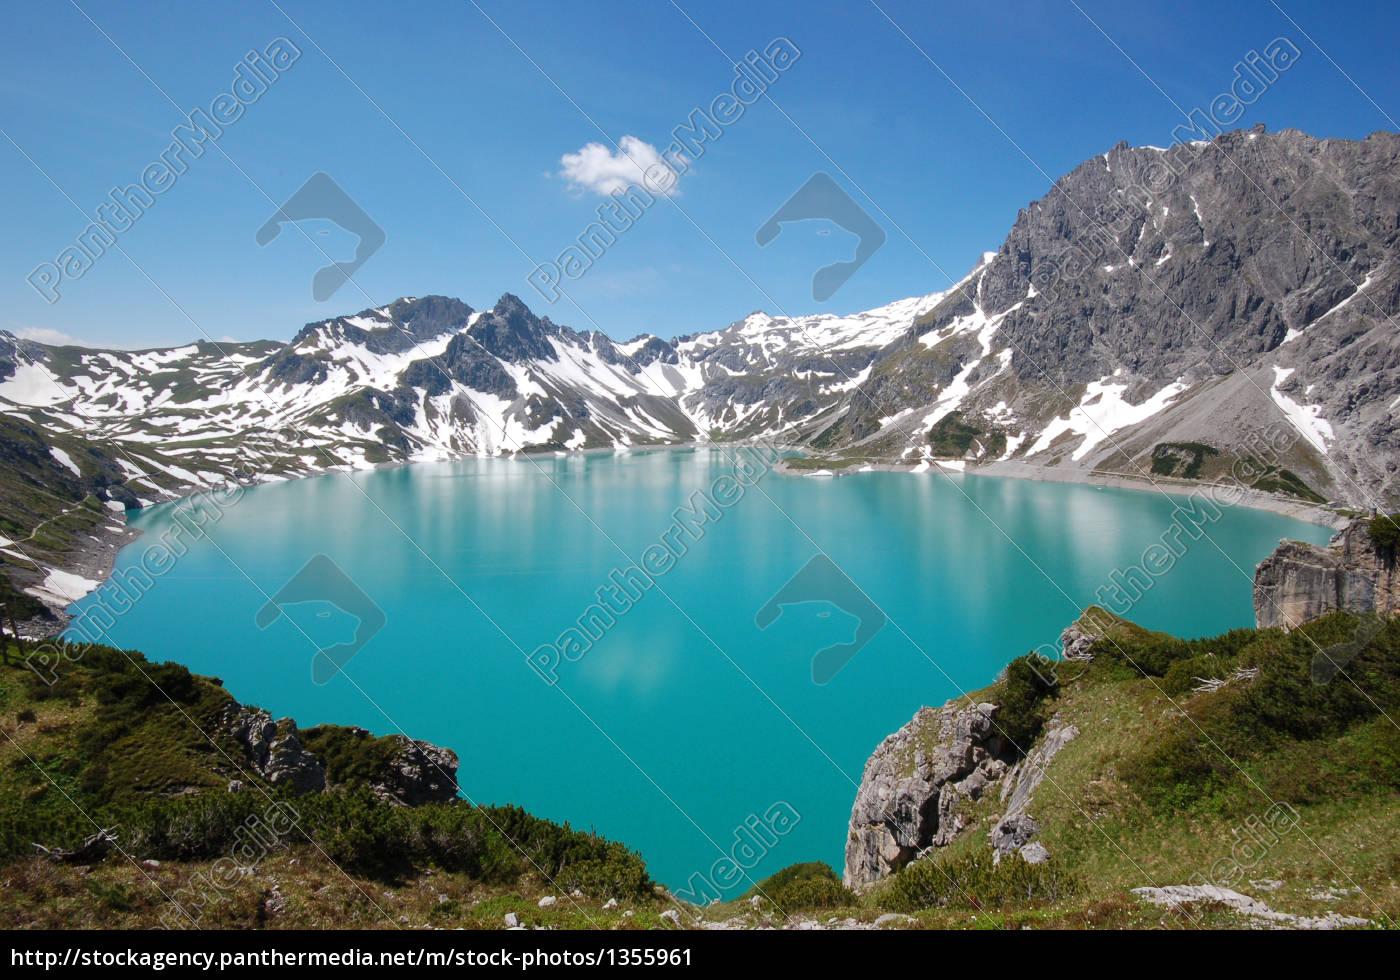 lake - 1355961